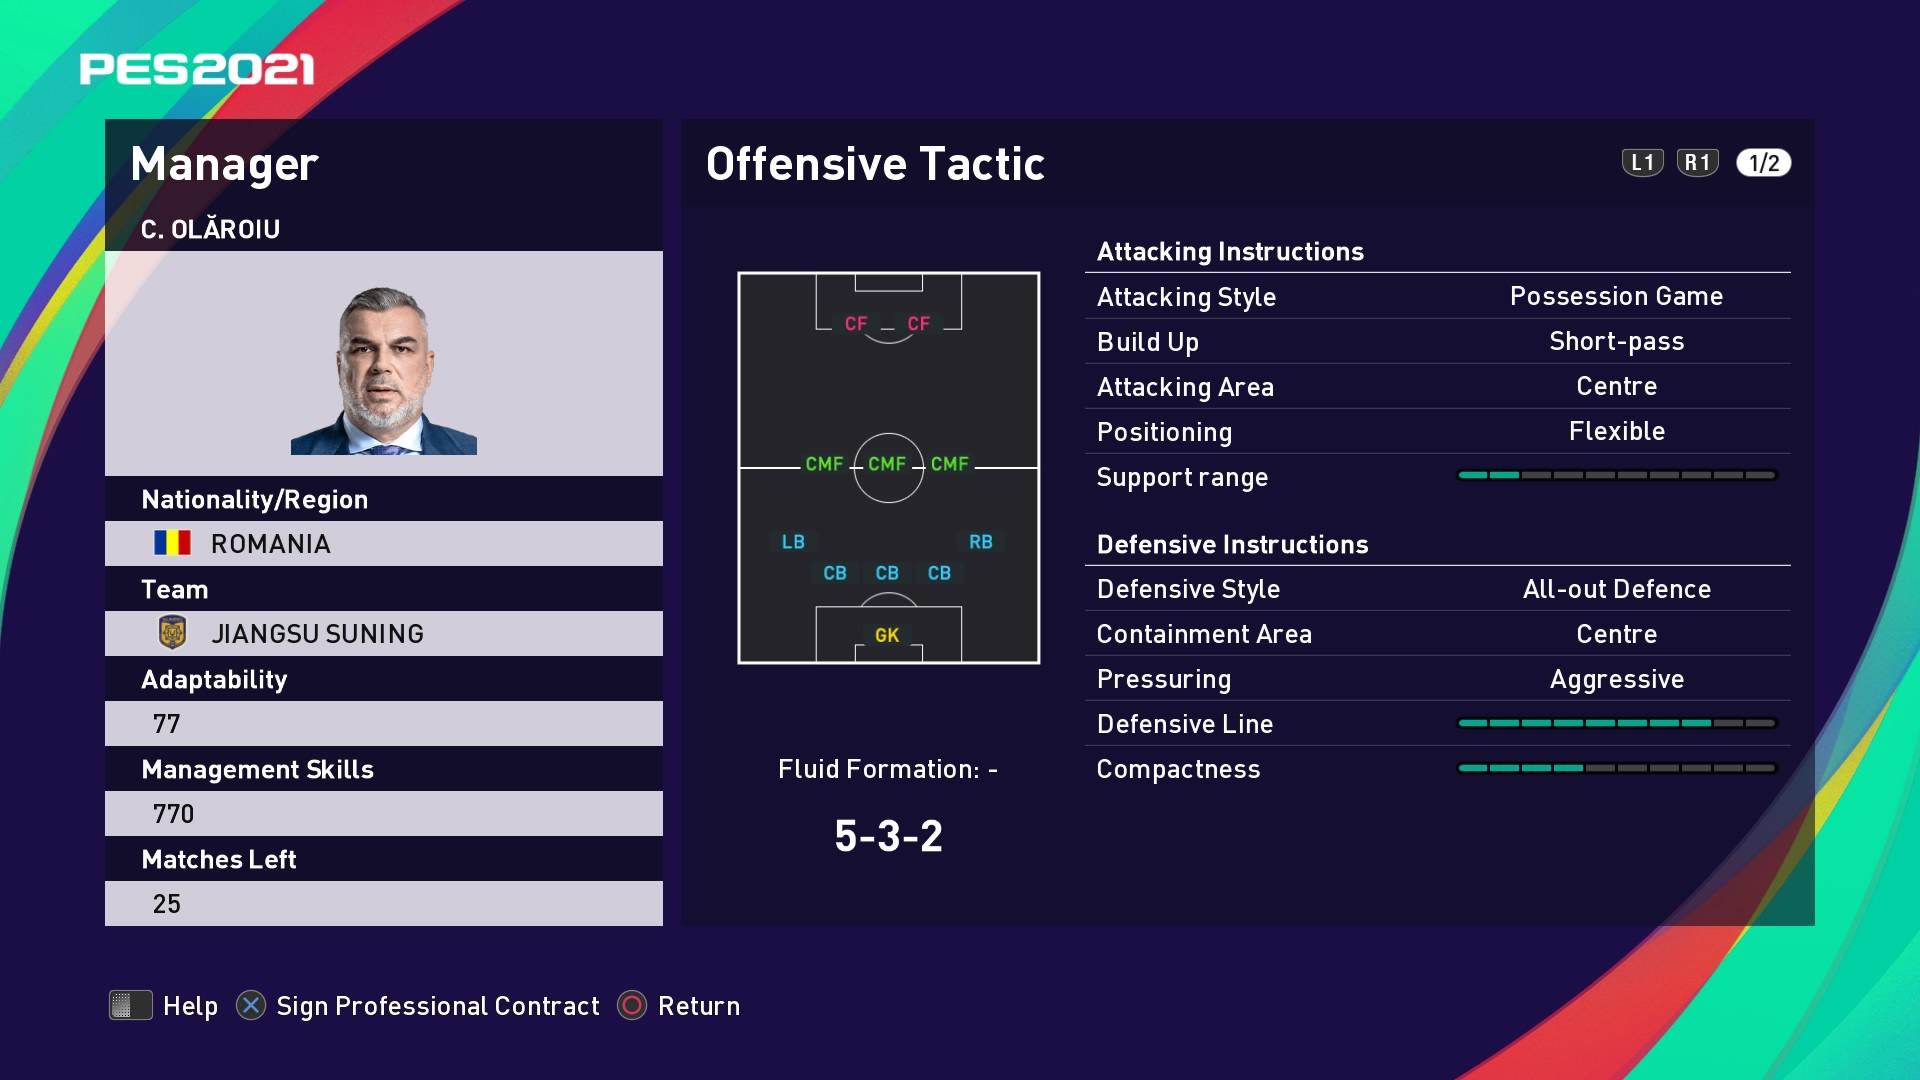 C. Olăroiu (2) (Cosmin Olăroiu) Offensive Tactic in PES 2021 myClub